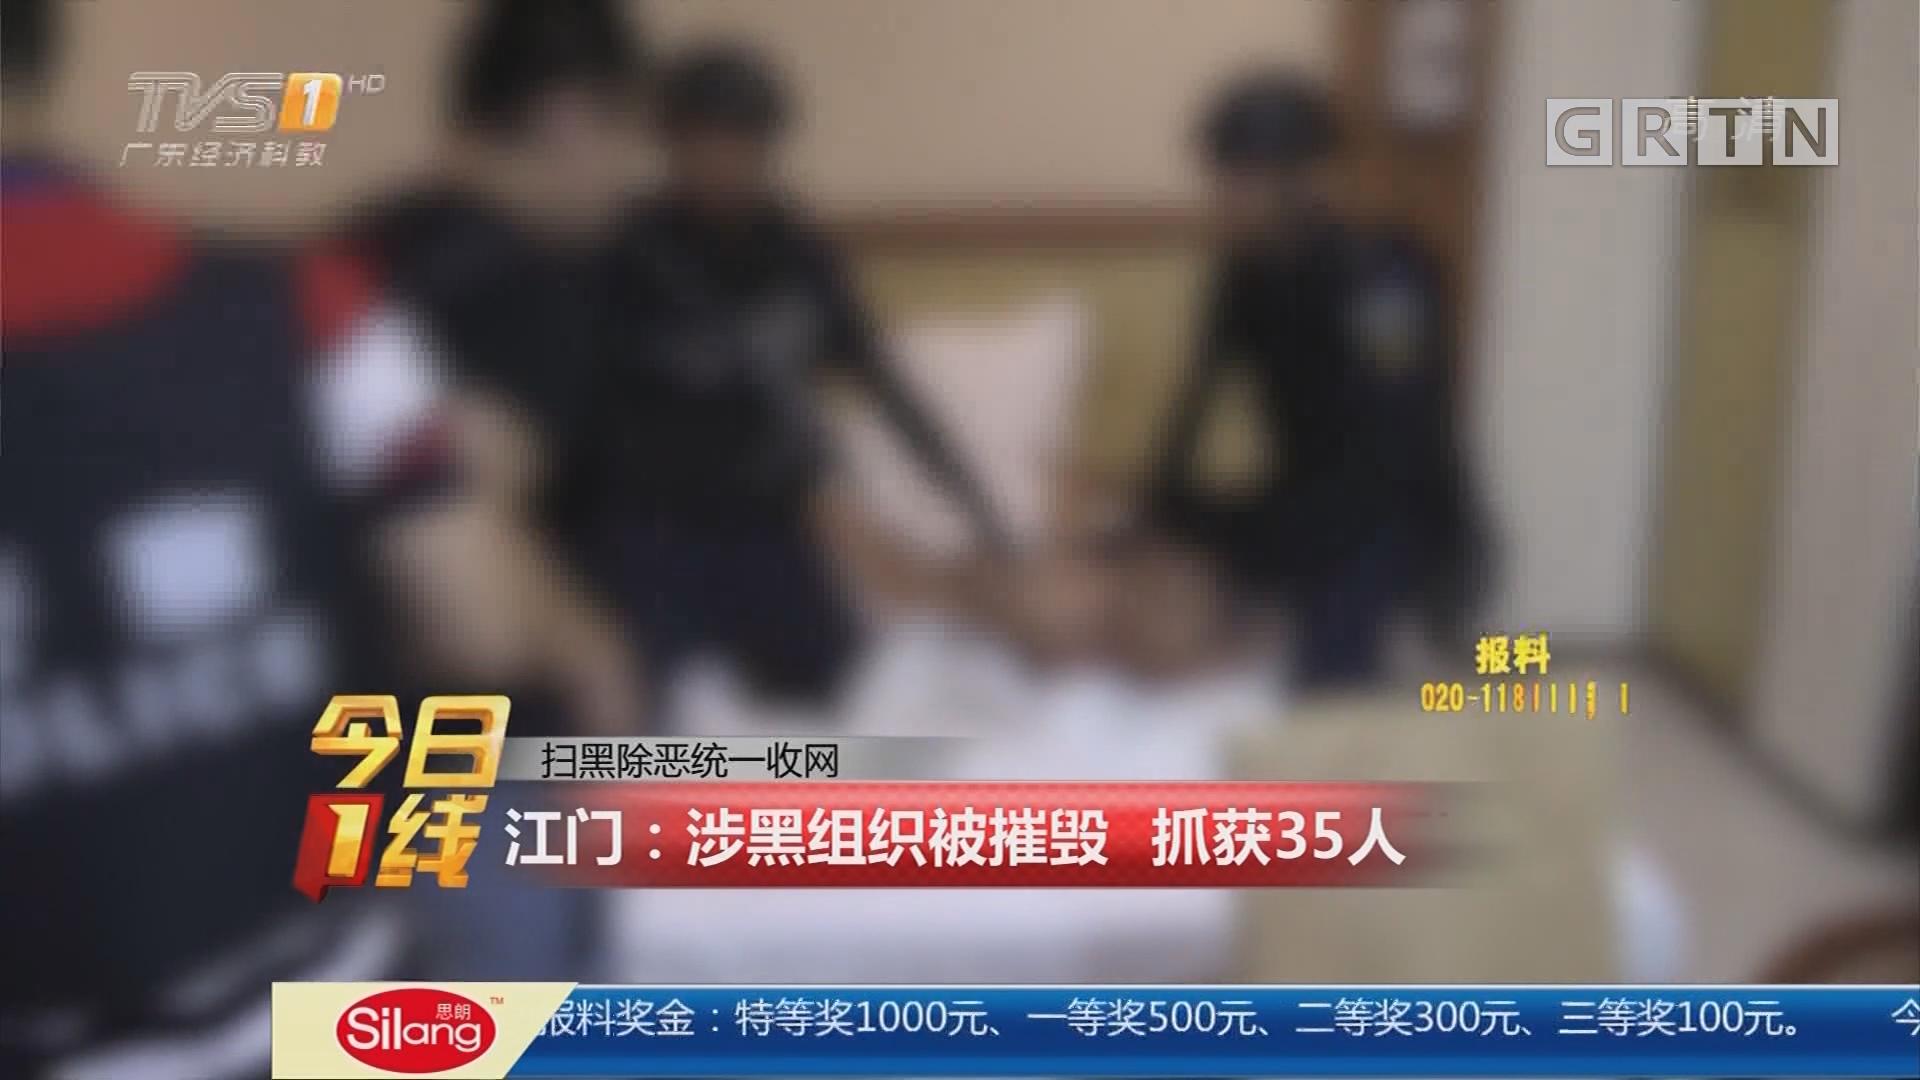 扫黑除恶统一收网 江门:涉黑组织被摧毁 抓获35人